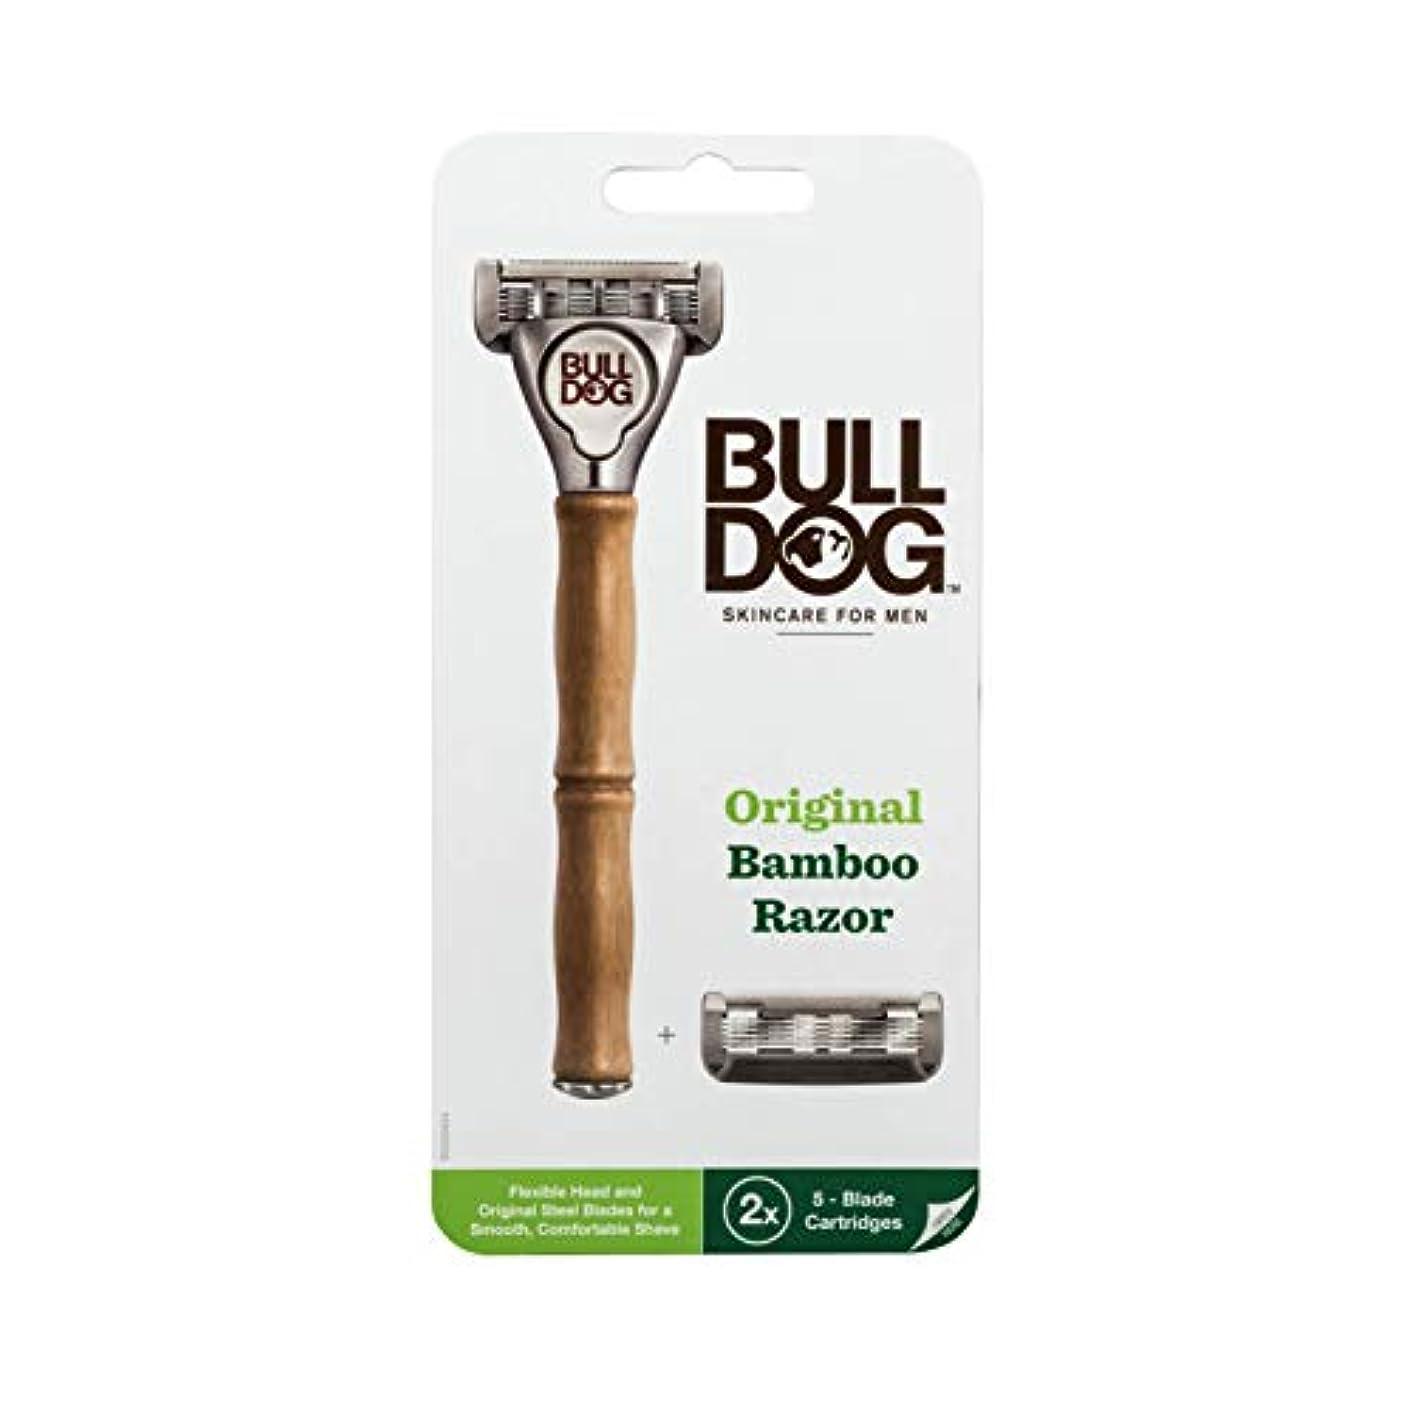 車両五十冷えるBulldog(ブルドッグ) ブルドッグ Bulldog 5枚刃 オリジナルバンブーホルダー 水に強い竹製ハンドル 替刃 2コ付 男性カミソリ ホルダー(1本)、替刃2コ付き(内1コ本体装着済み)